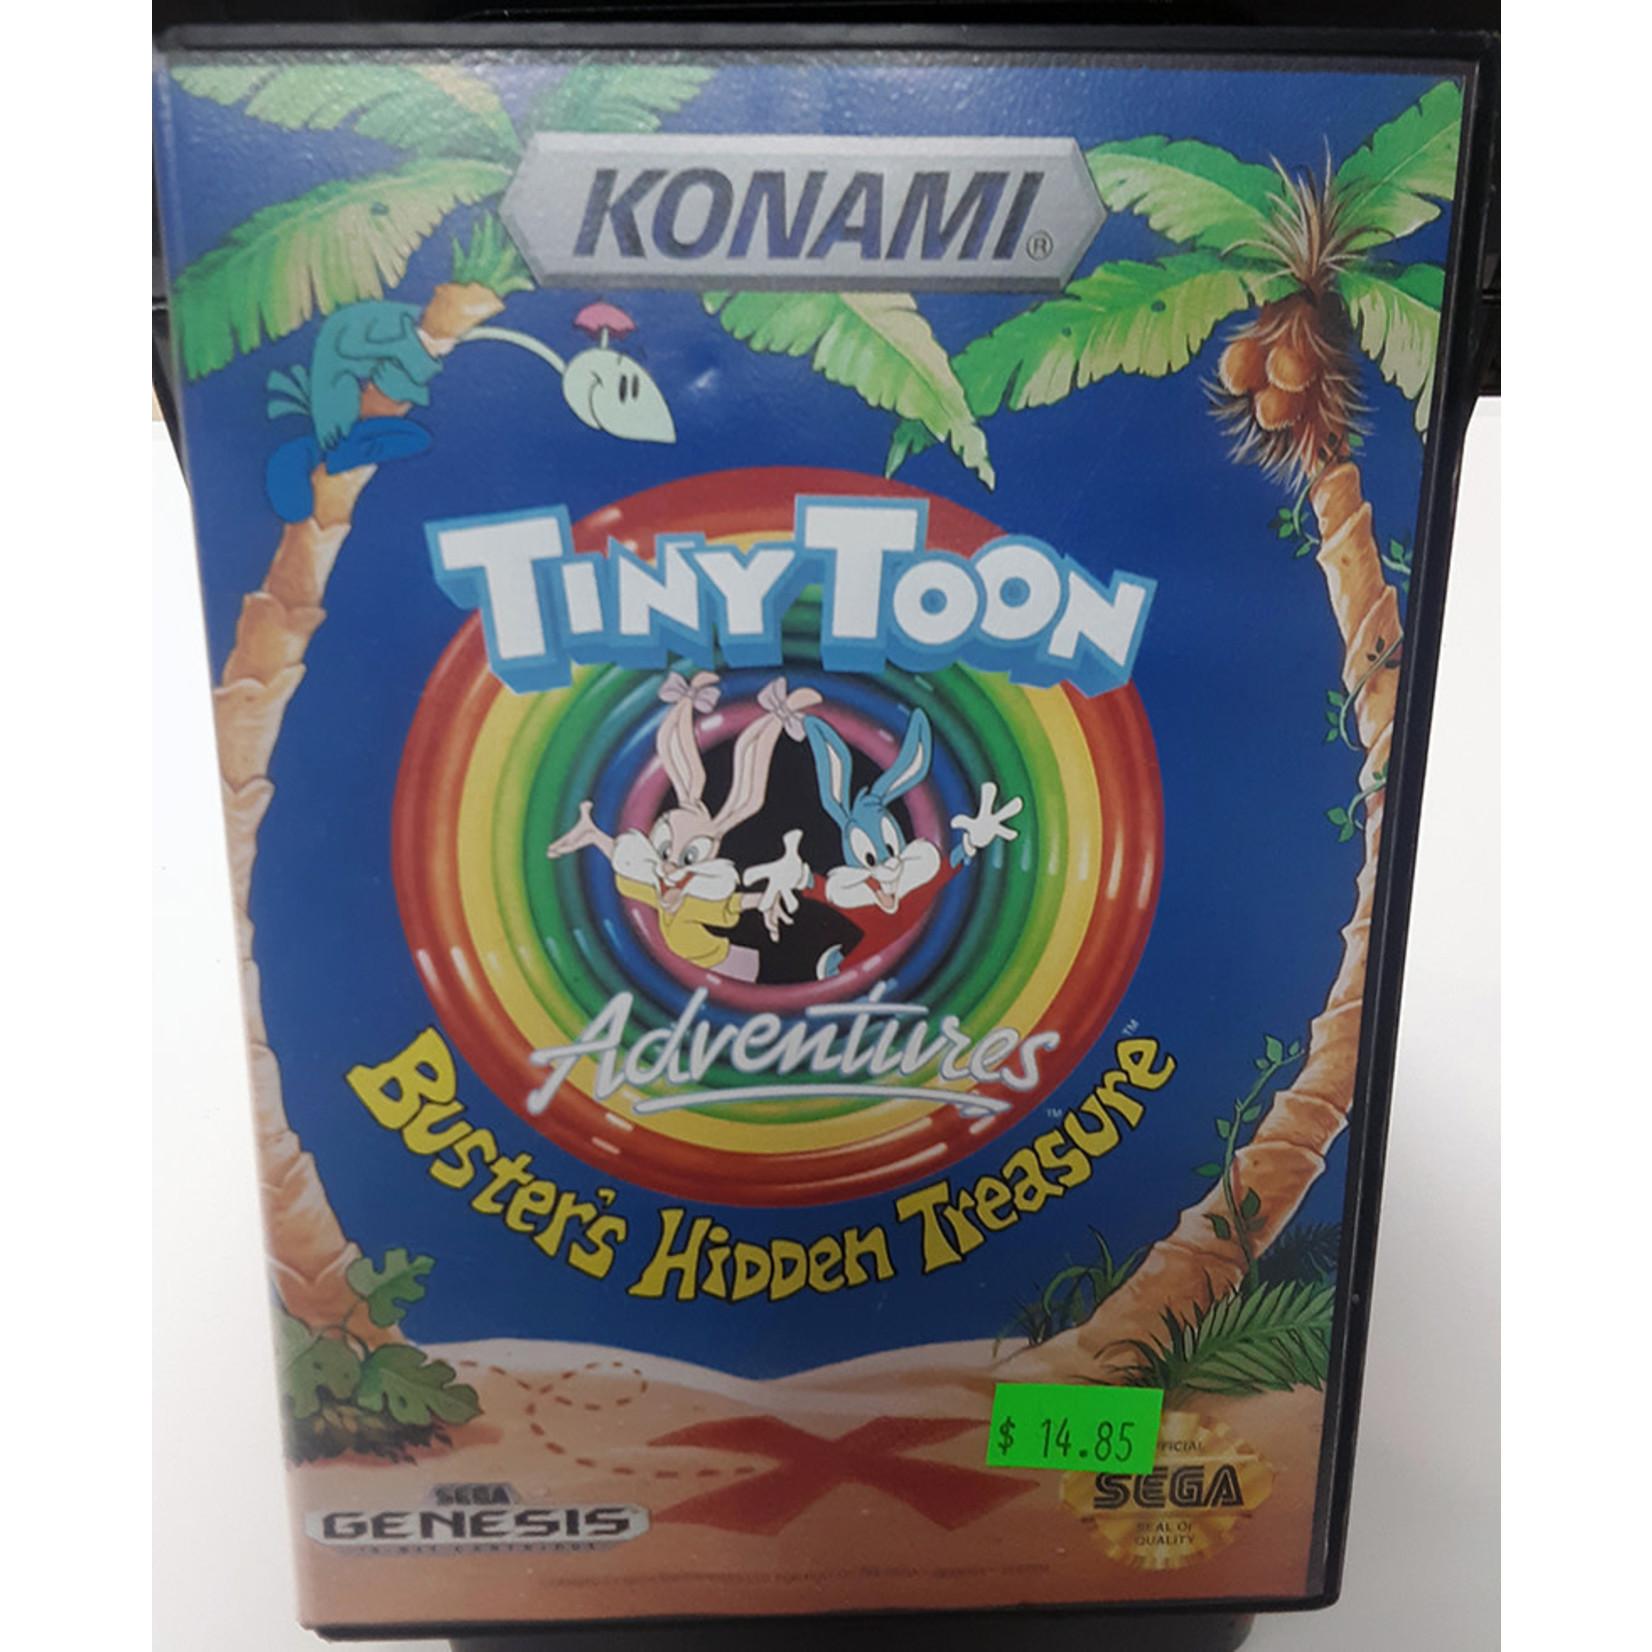 sgu-Tiny Toon Adventures Buster's Hidden Treasure (in box)